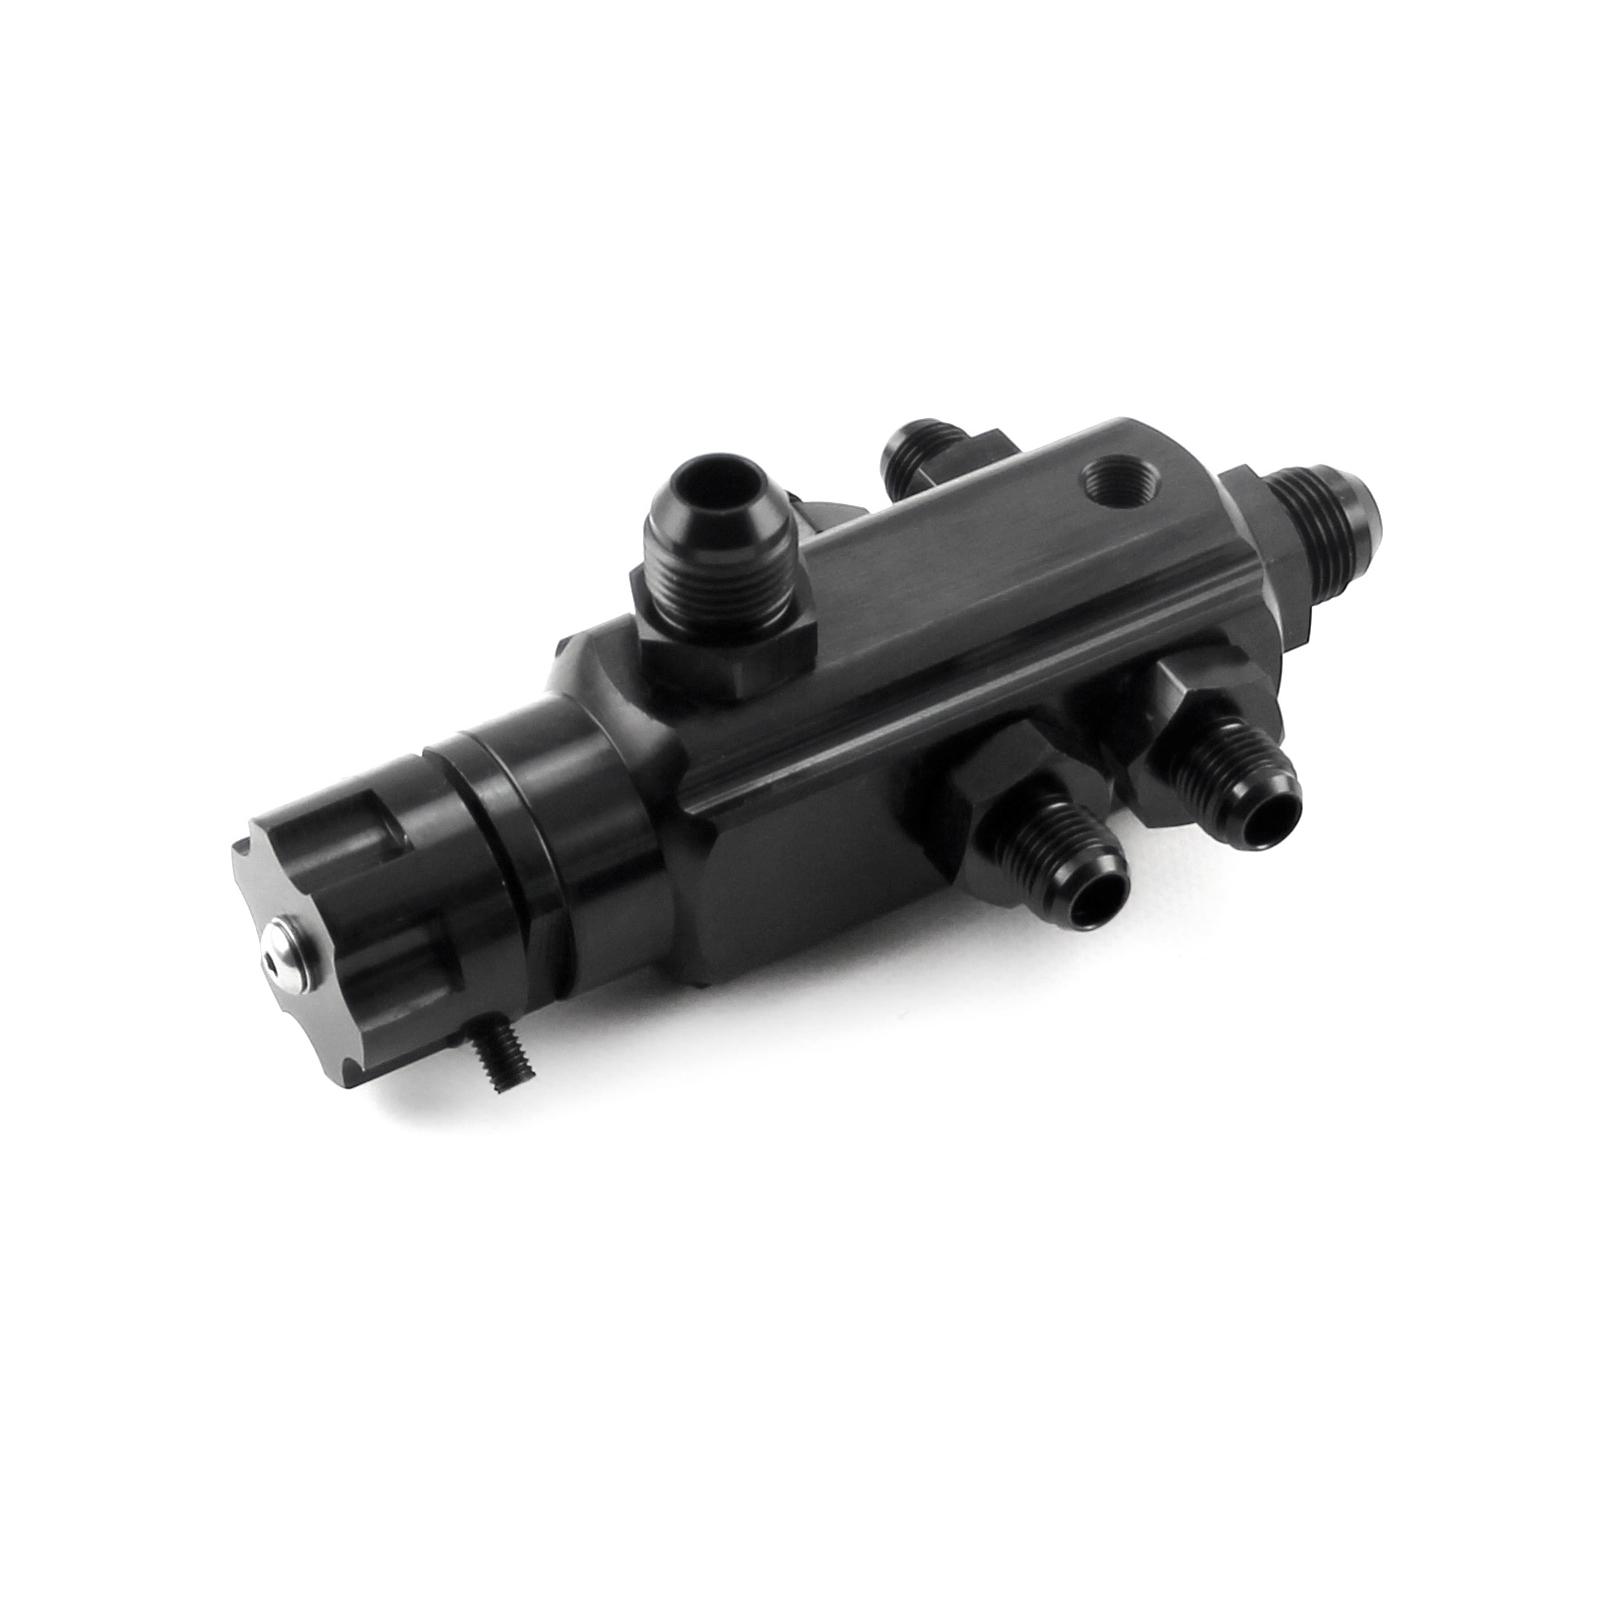 4 Port Universal Billet Return Style Adjustable Fuel Pressure Regulator 2-40psi